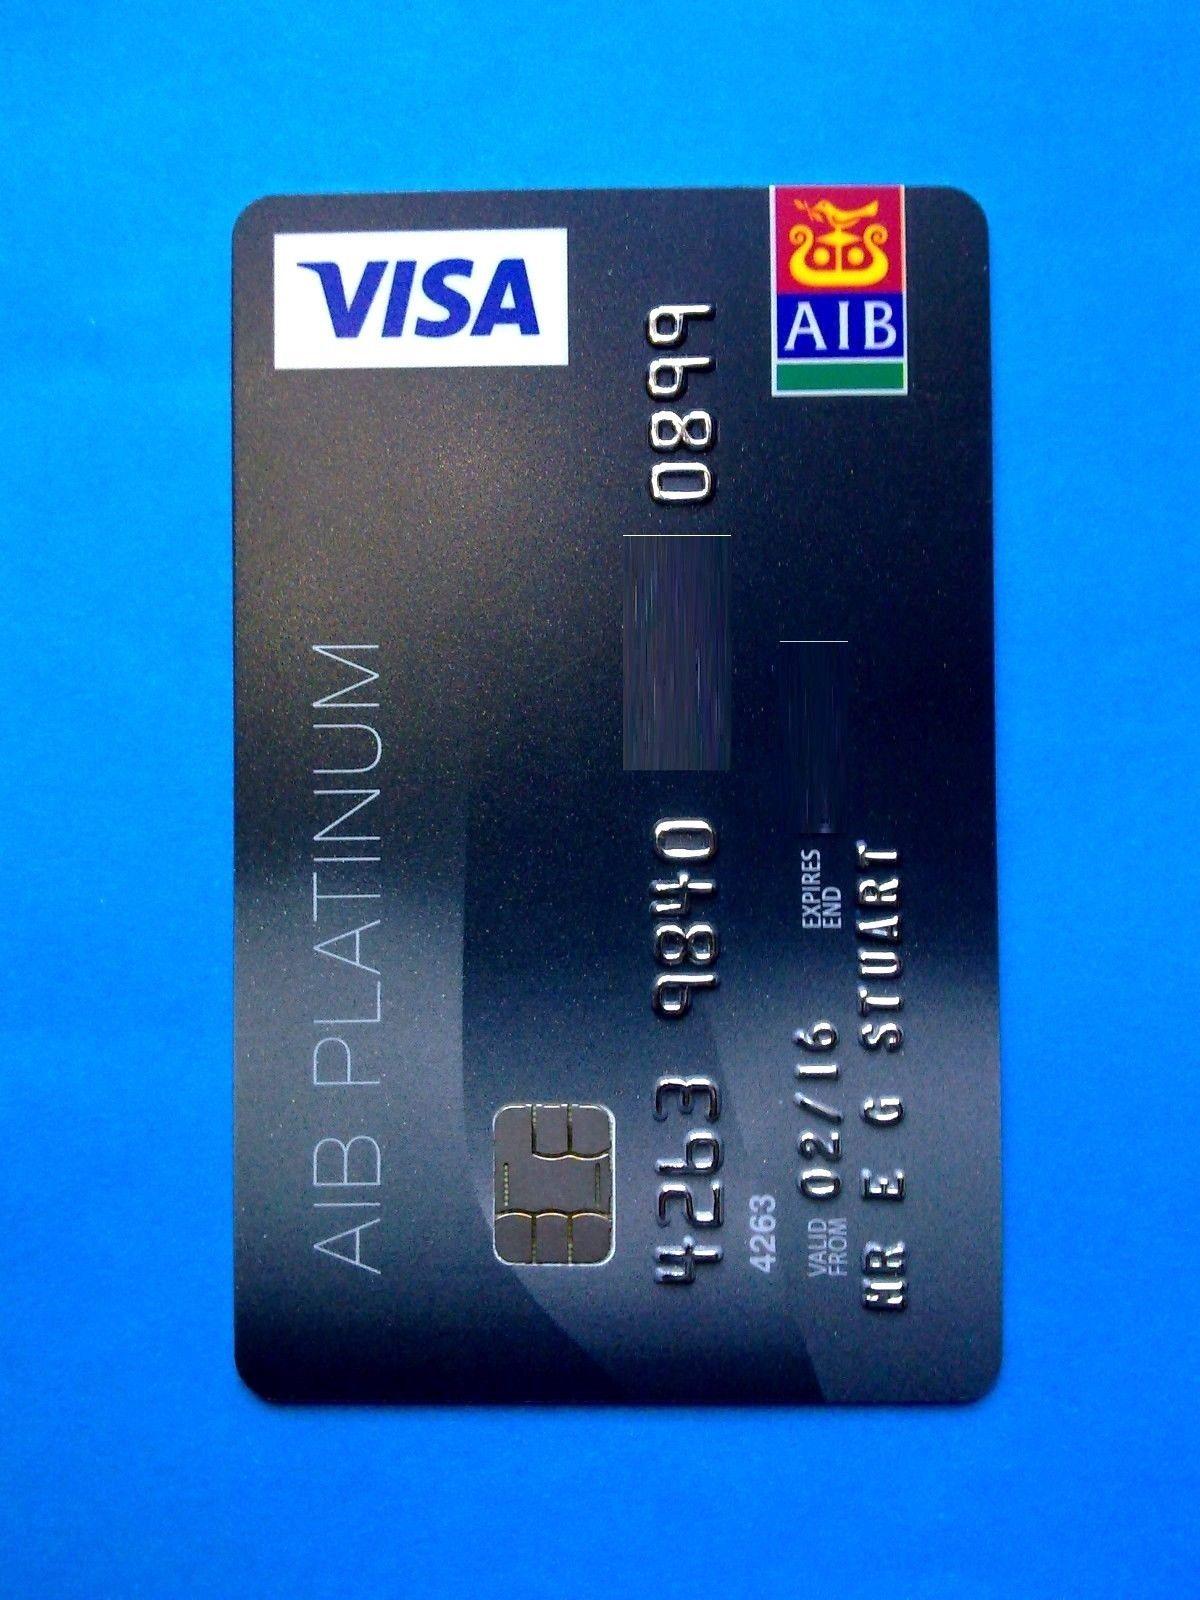 Aib Bank Card